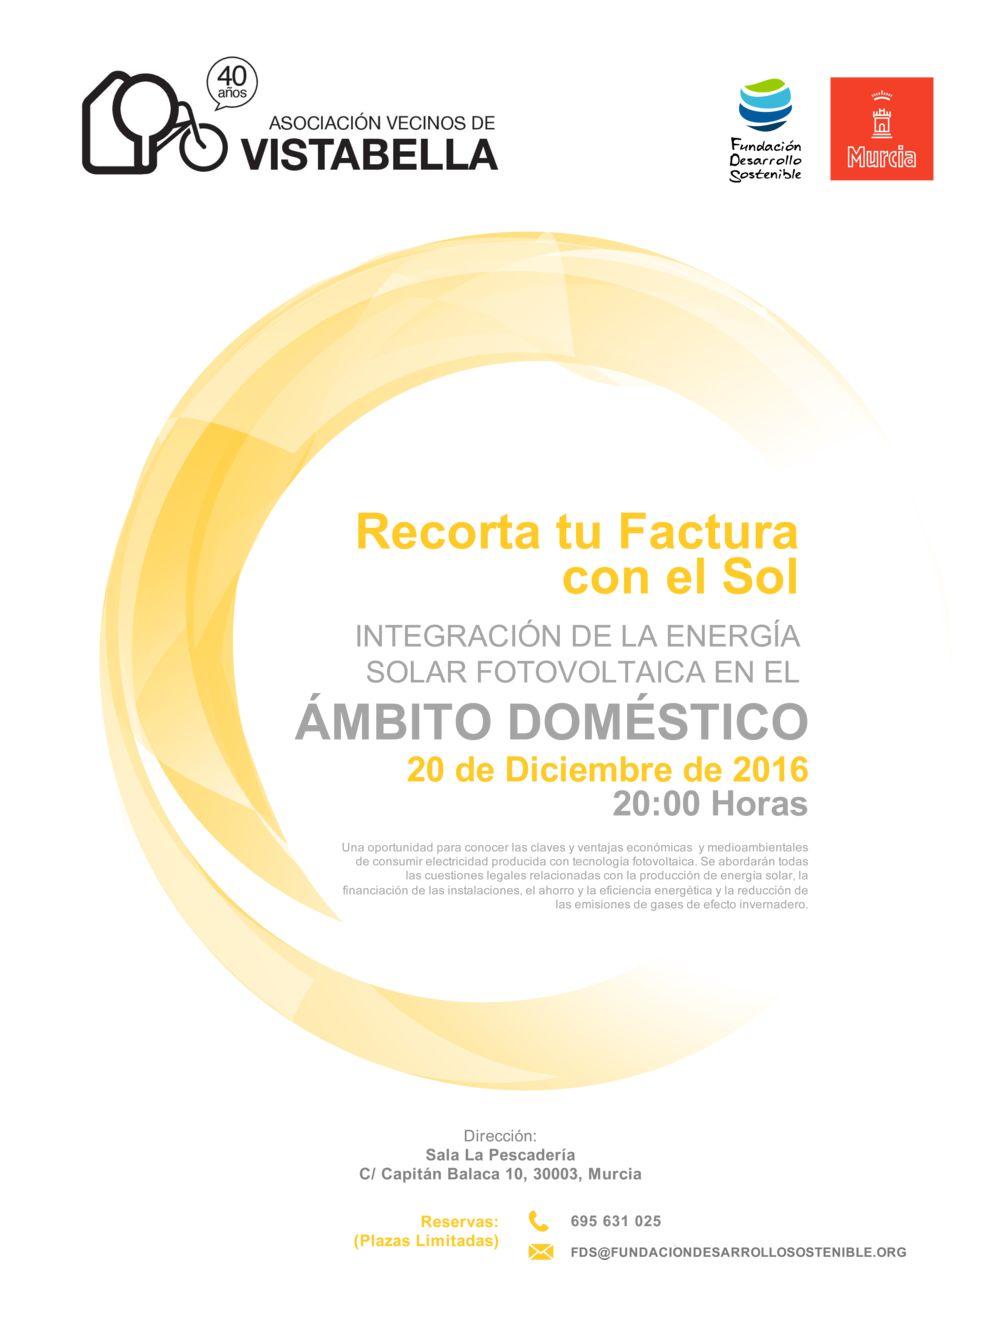 cartel_web_-charla_energia_solar_vecinos_vistabella